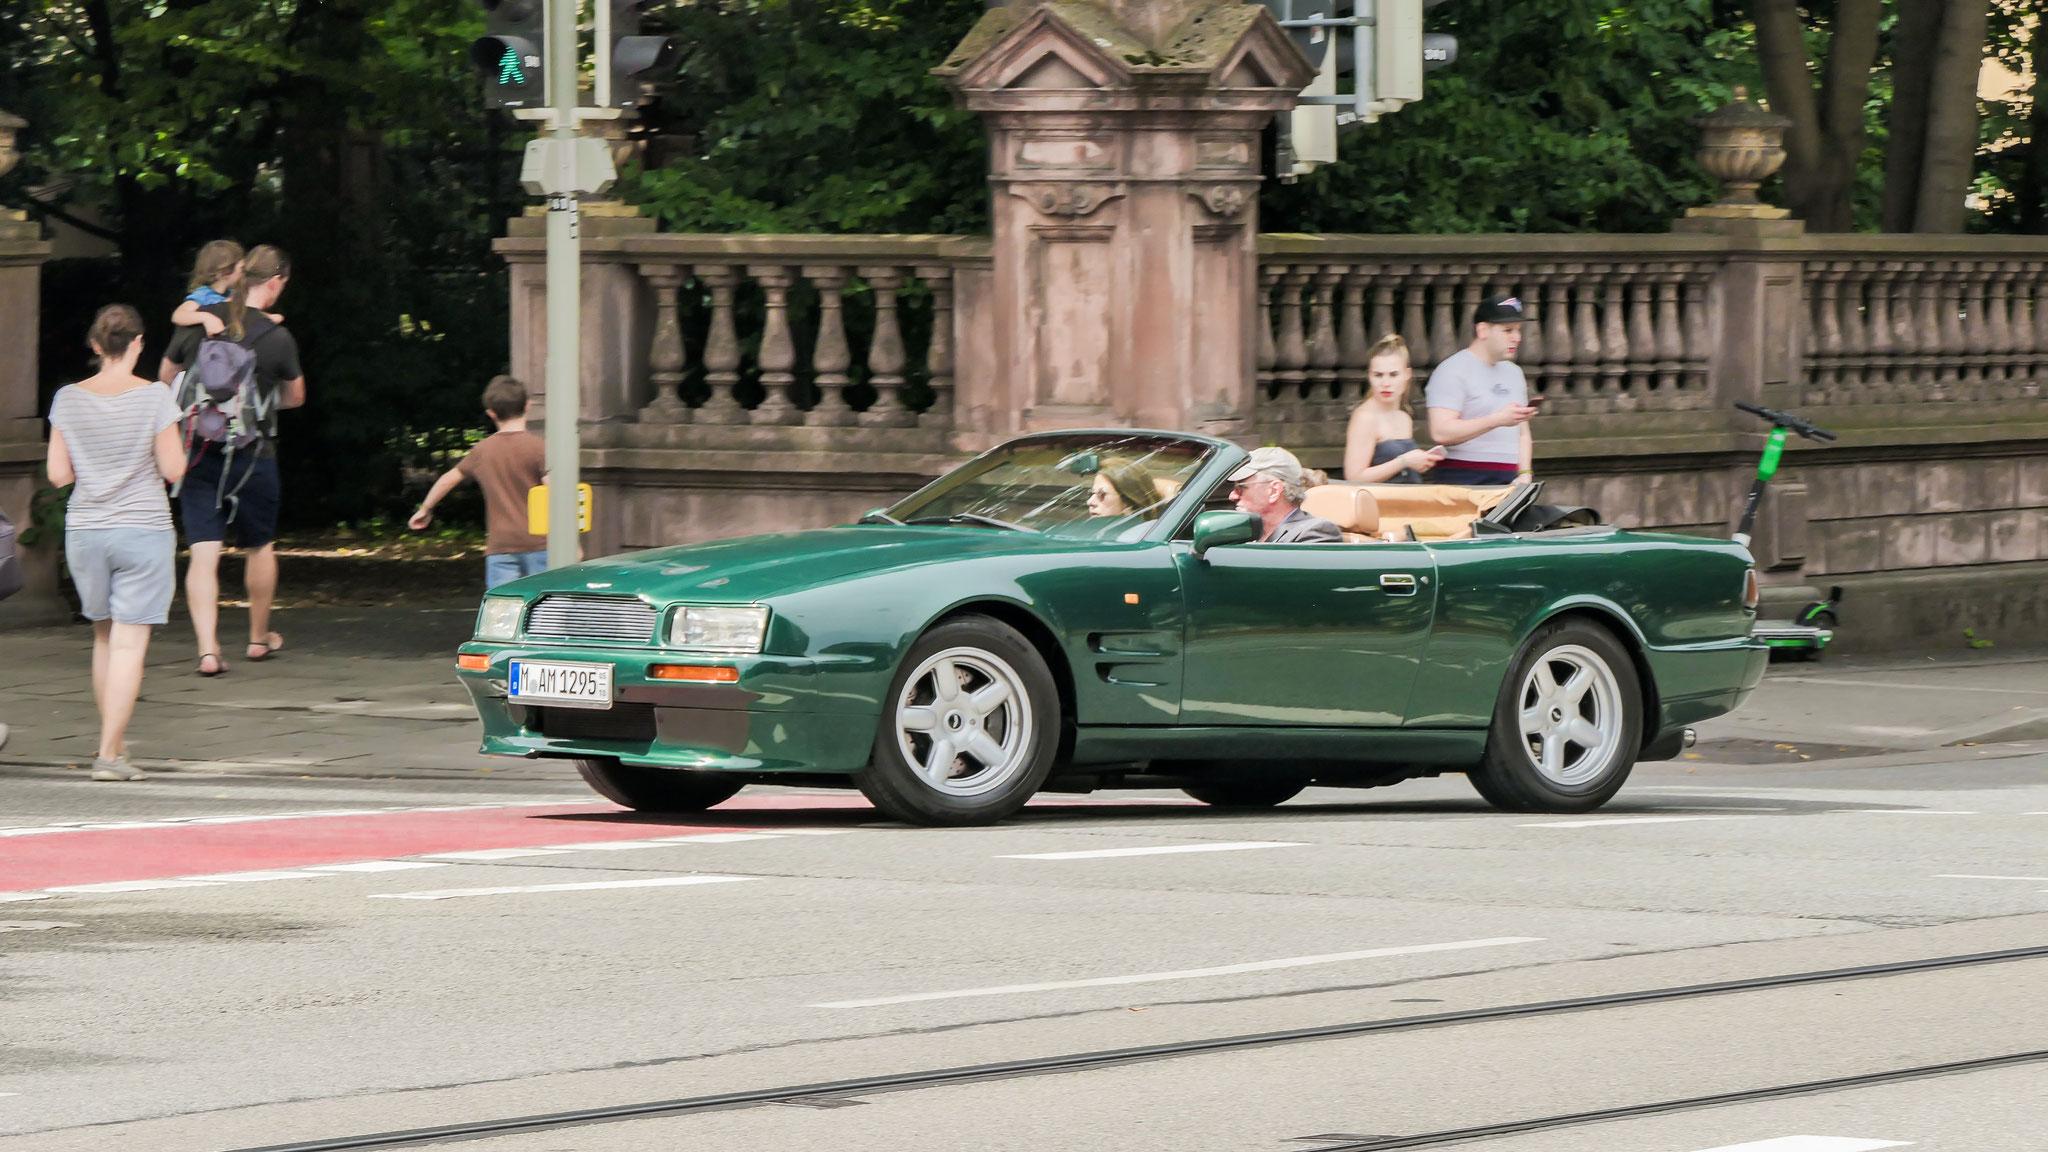 Aston Martin V8 Volante 1996 - M-AM-1295